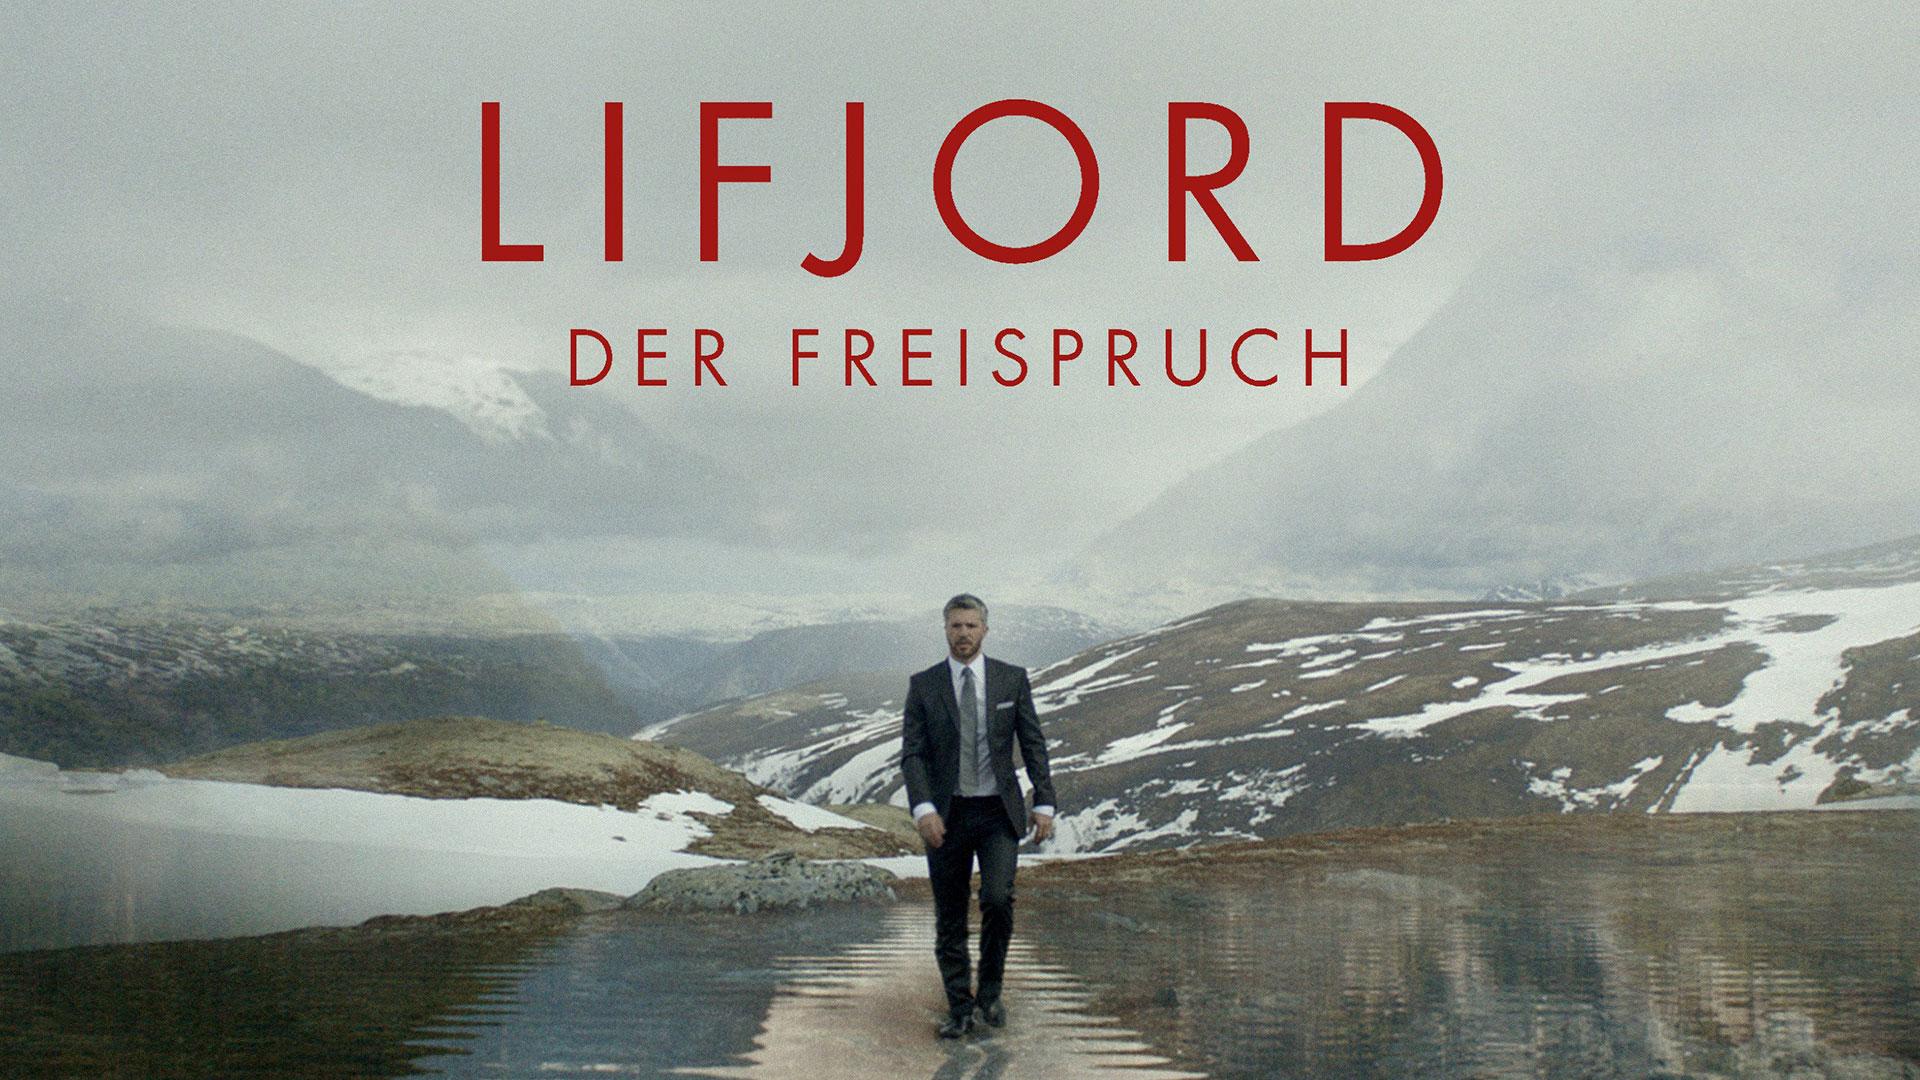 Lifjord - Der Freispruch - Staffel 1